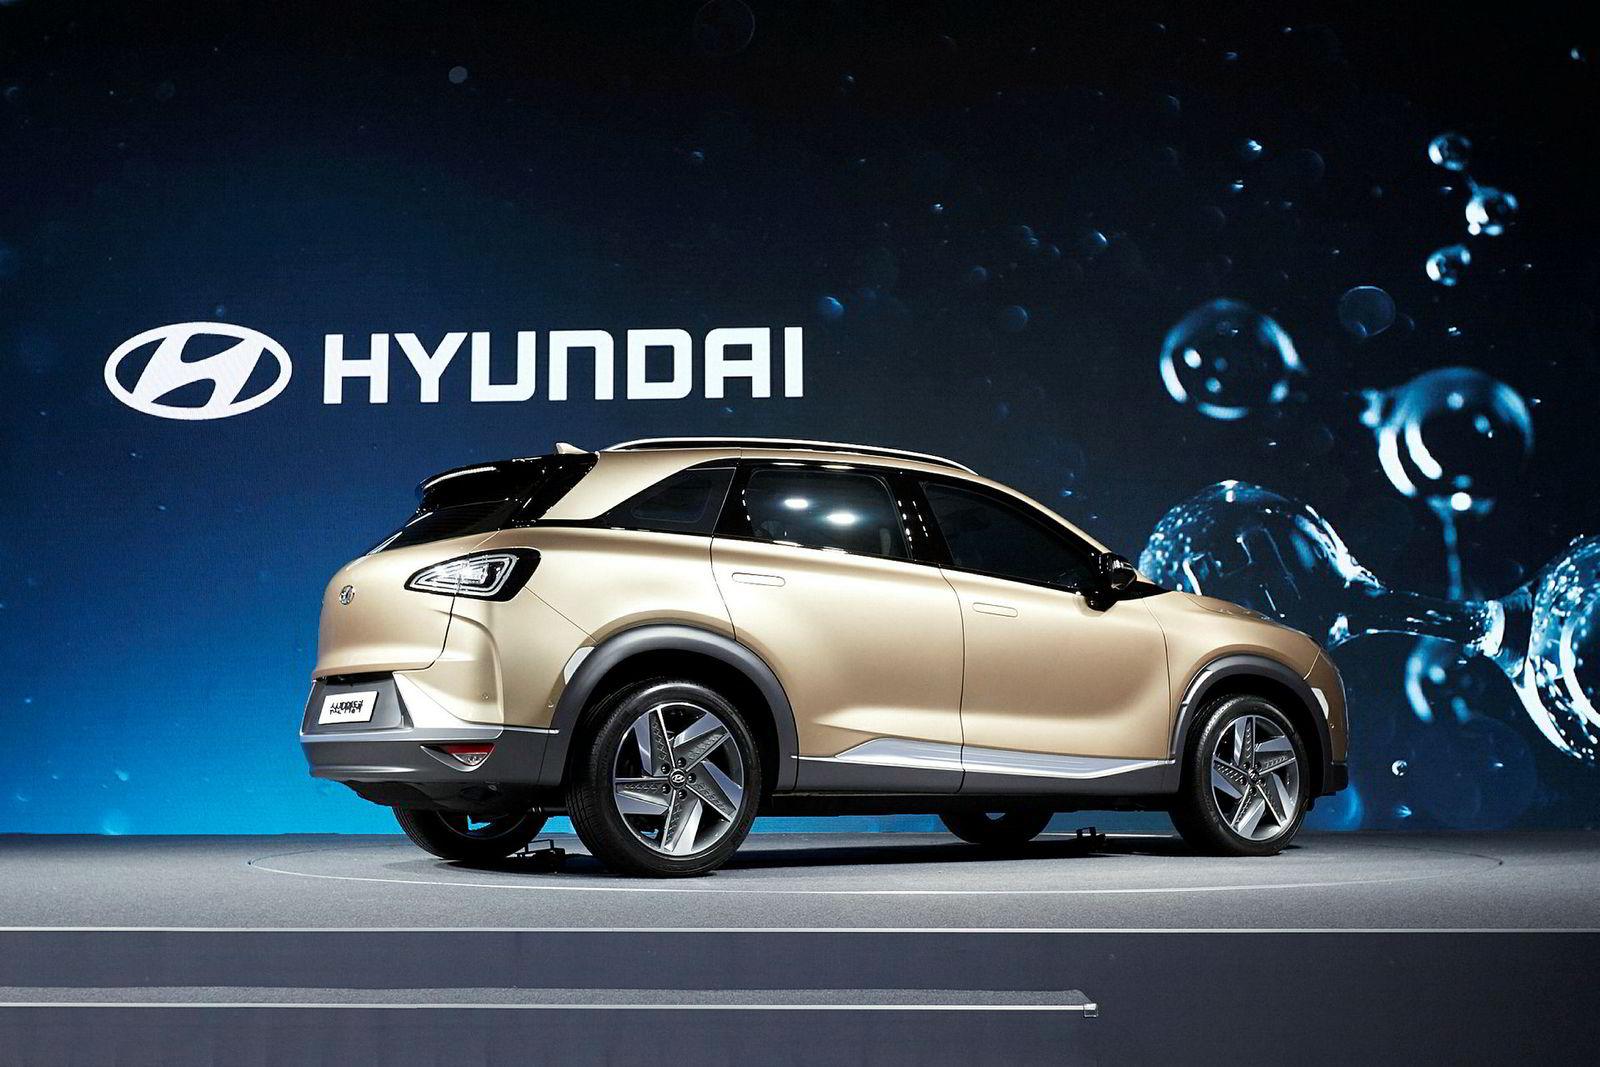 Bilen debuterer under teknomessen CES i januar neste år. Da får den også et navn.